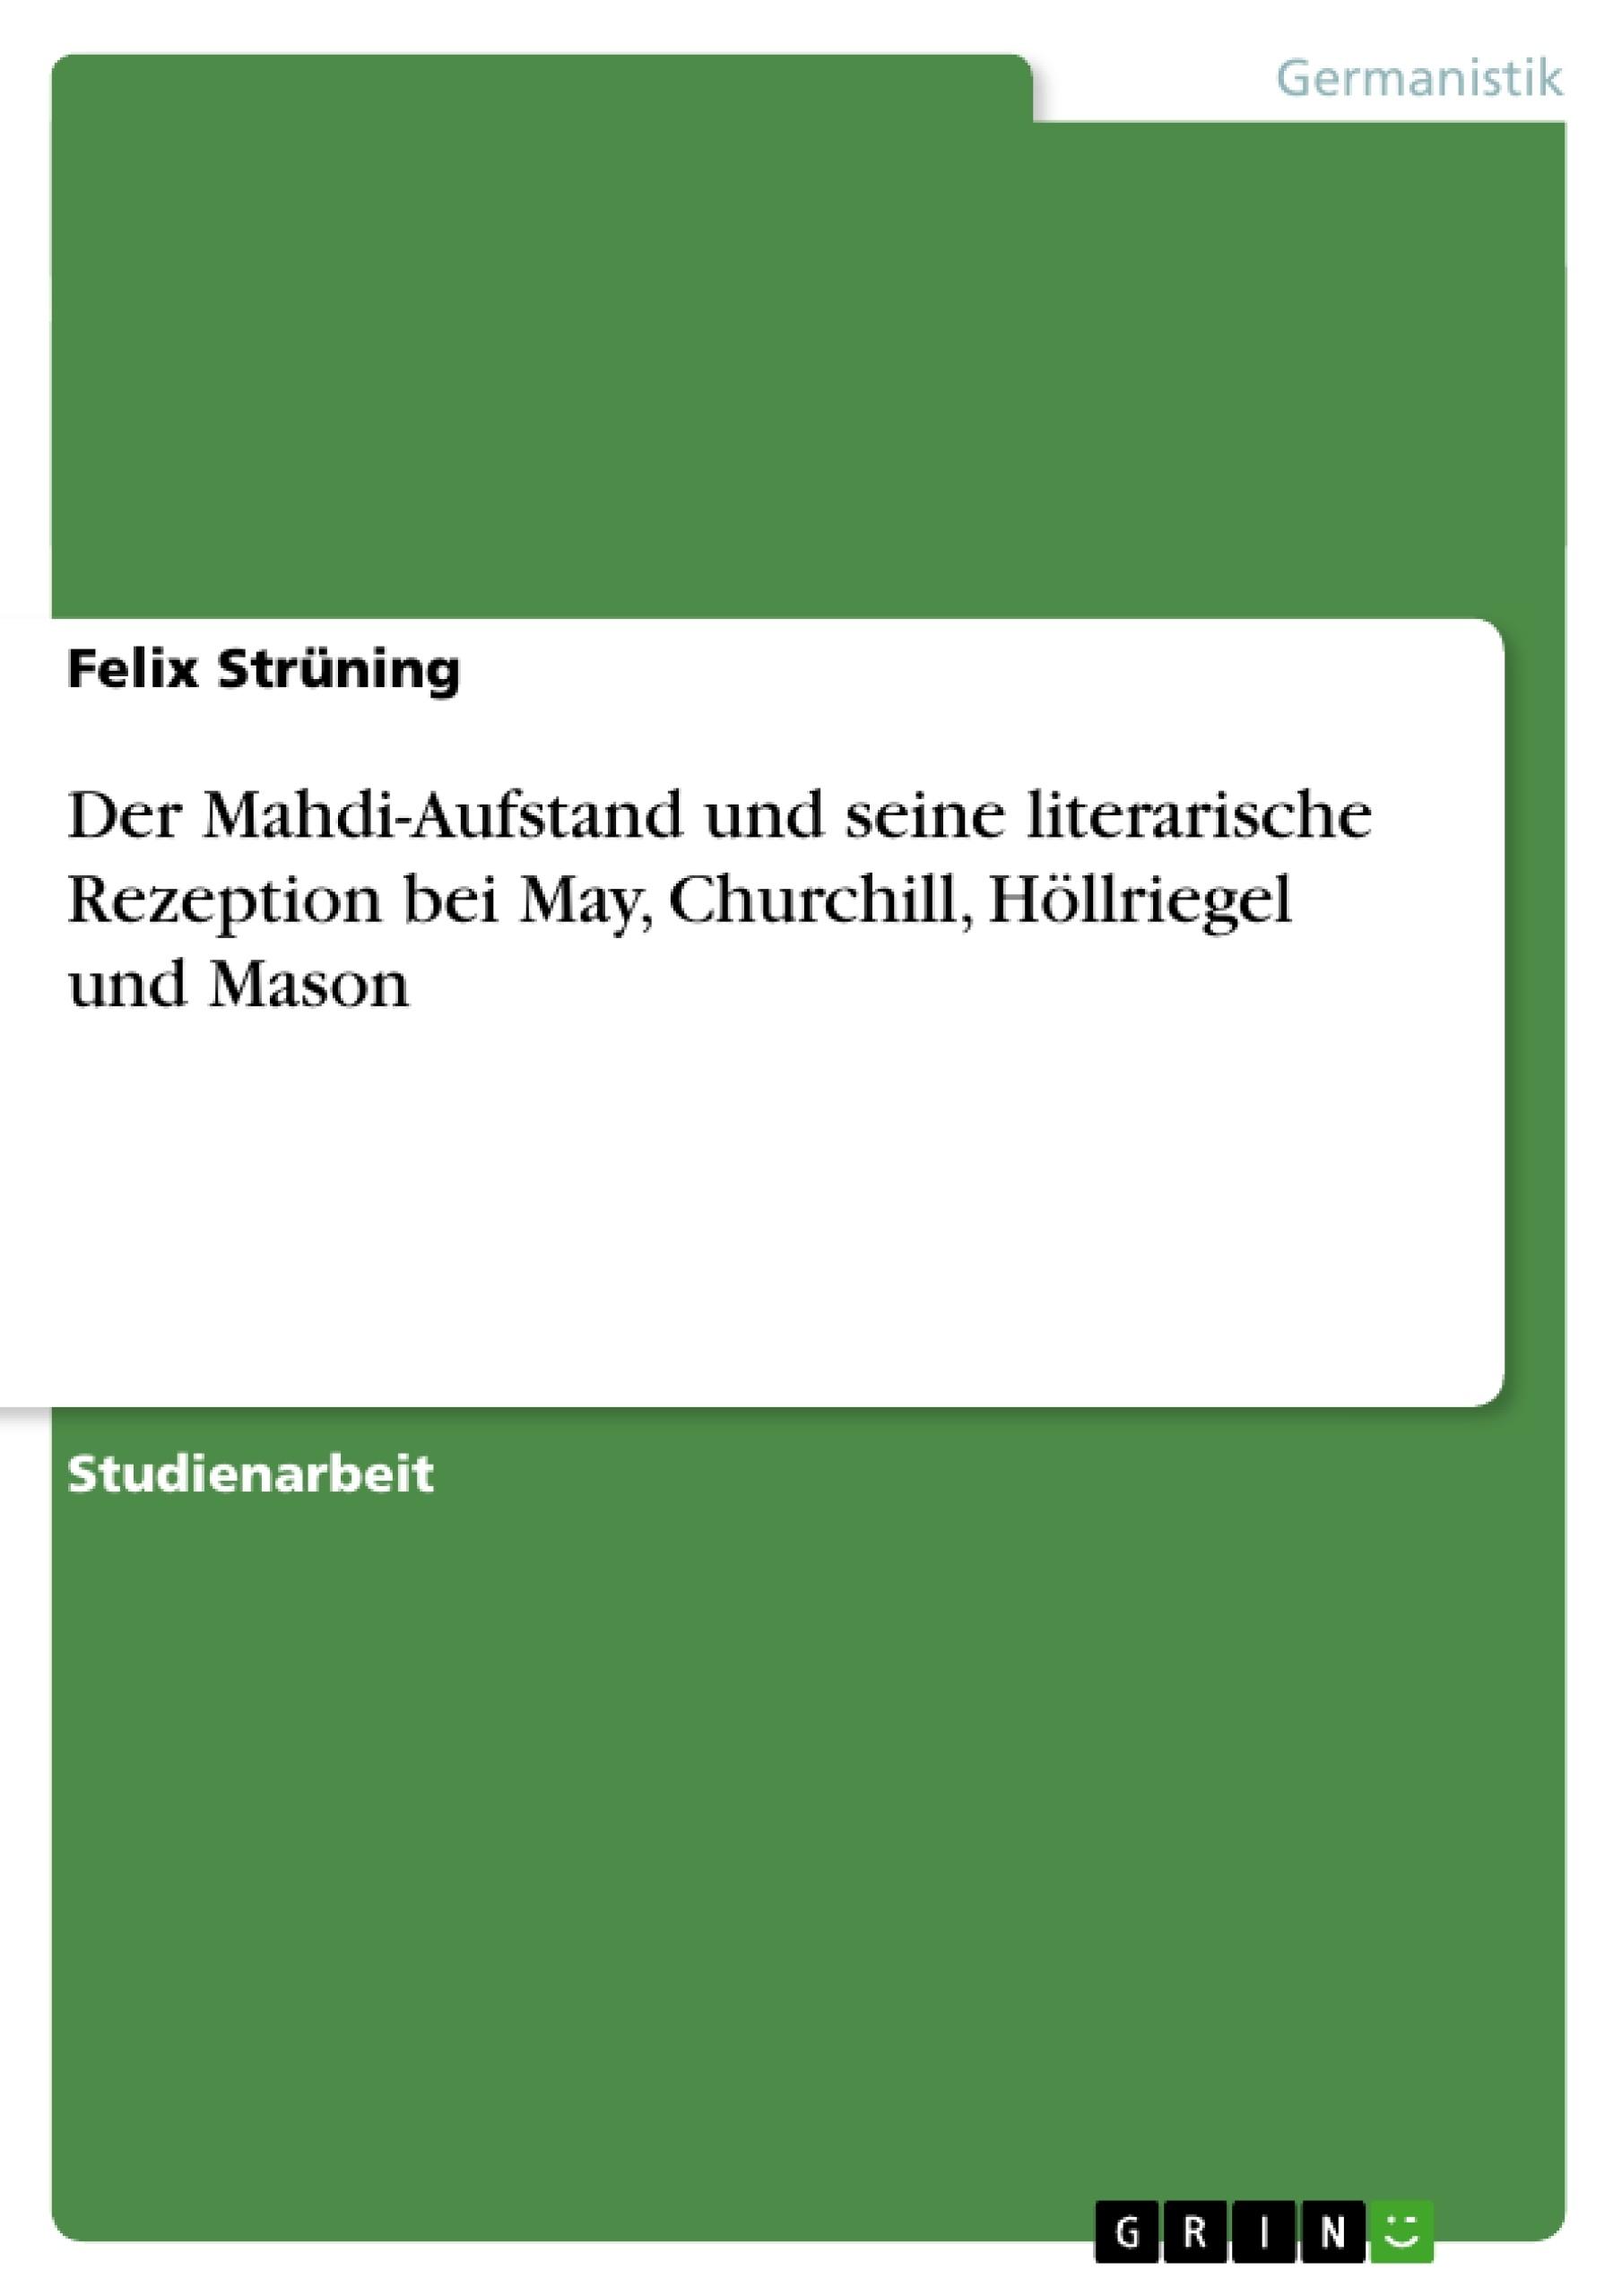 Titel: Der Mahdi-Aufstand und seine literarische Rezeption bei May, Churchill, Höllriegel und Mason